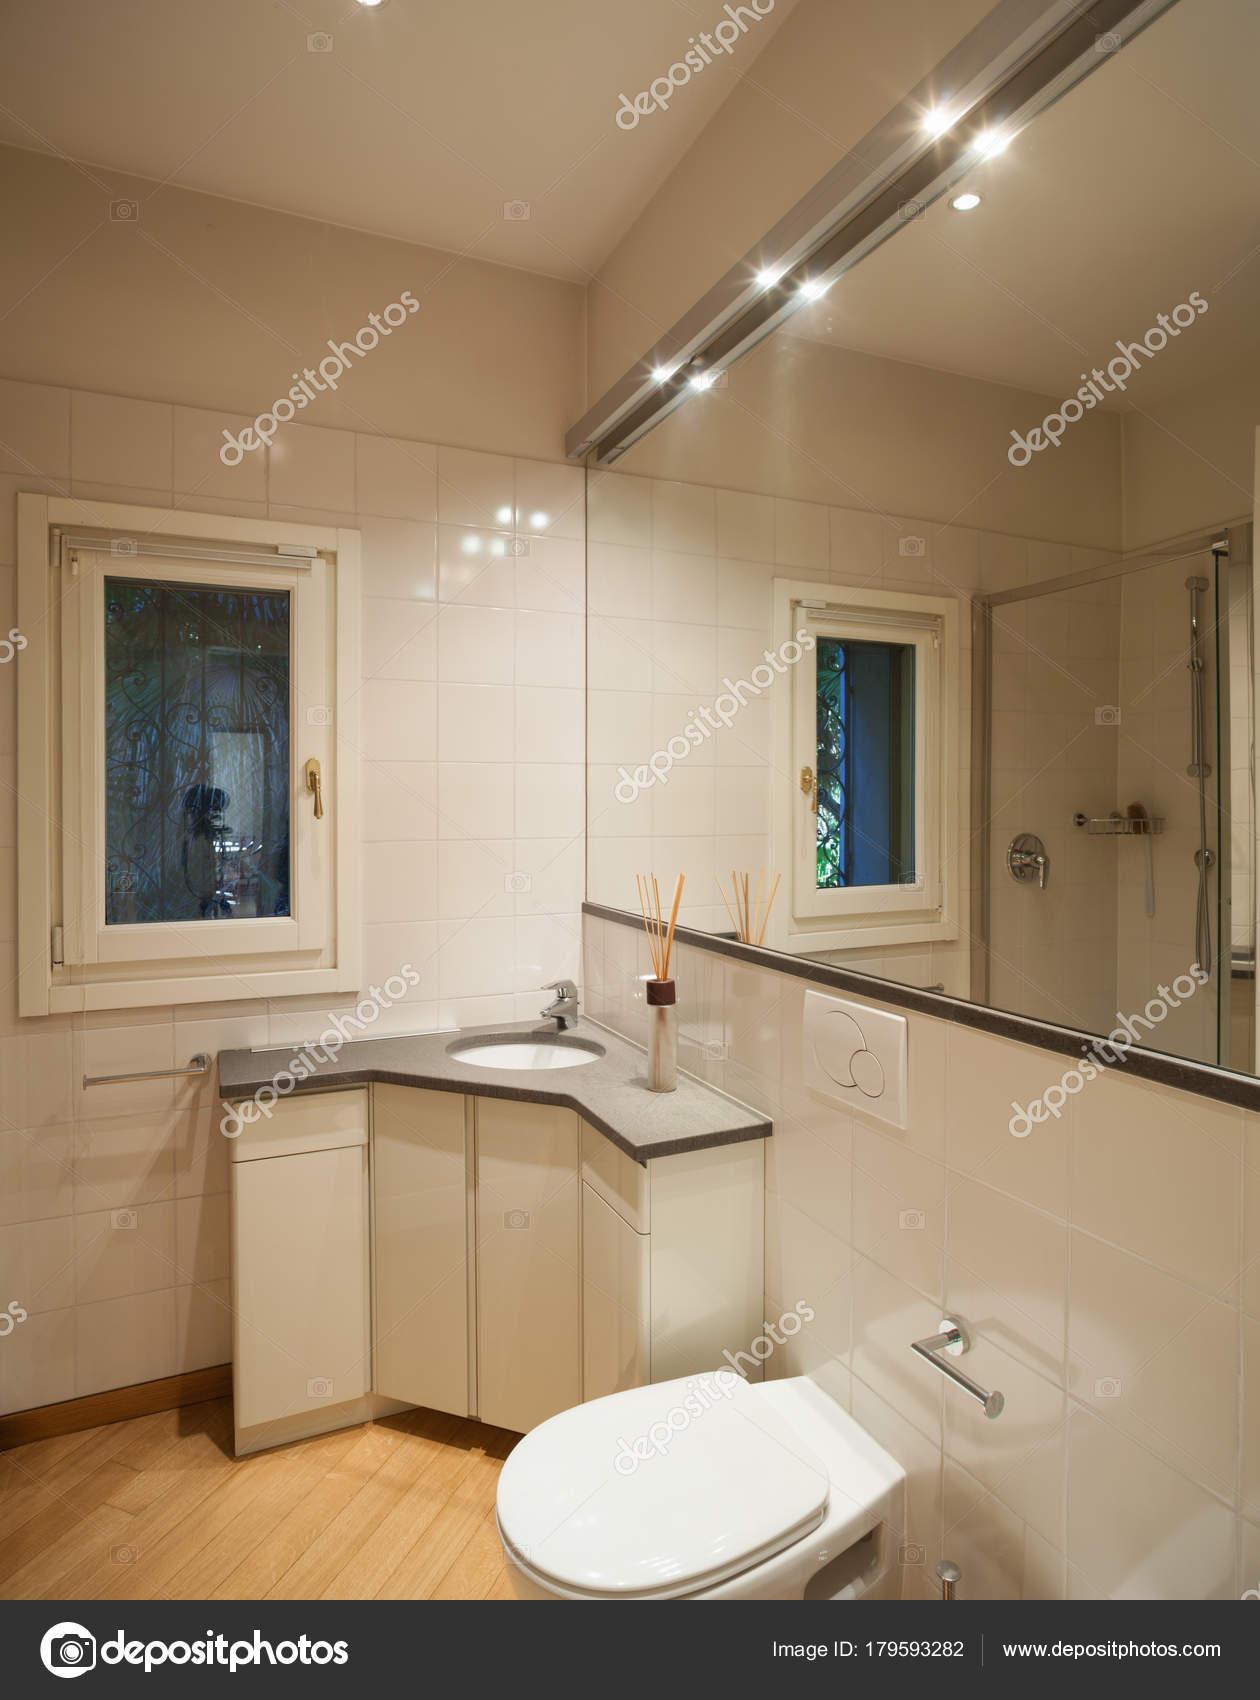 moderno cuarto de baño con espejo grande — Foto de stock © Zveiger ...